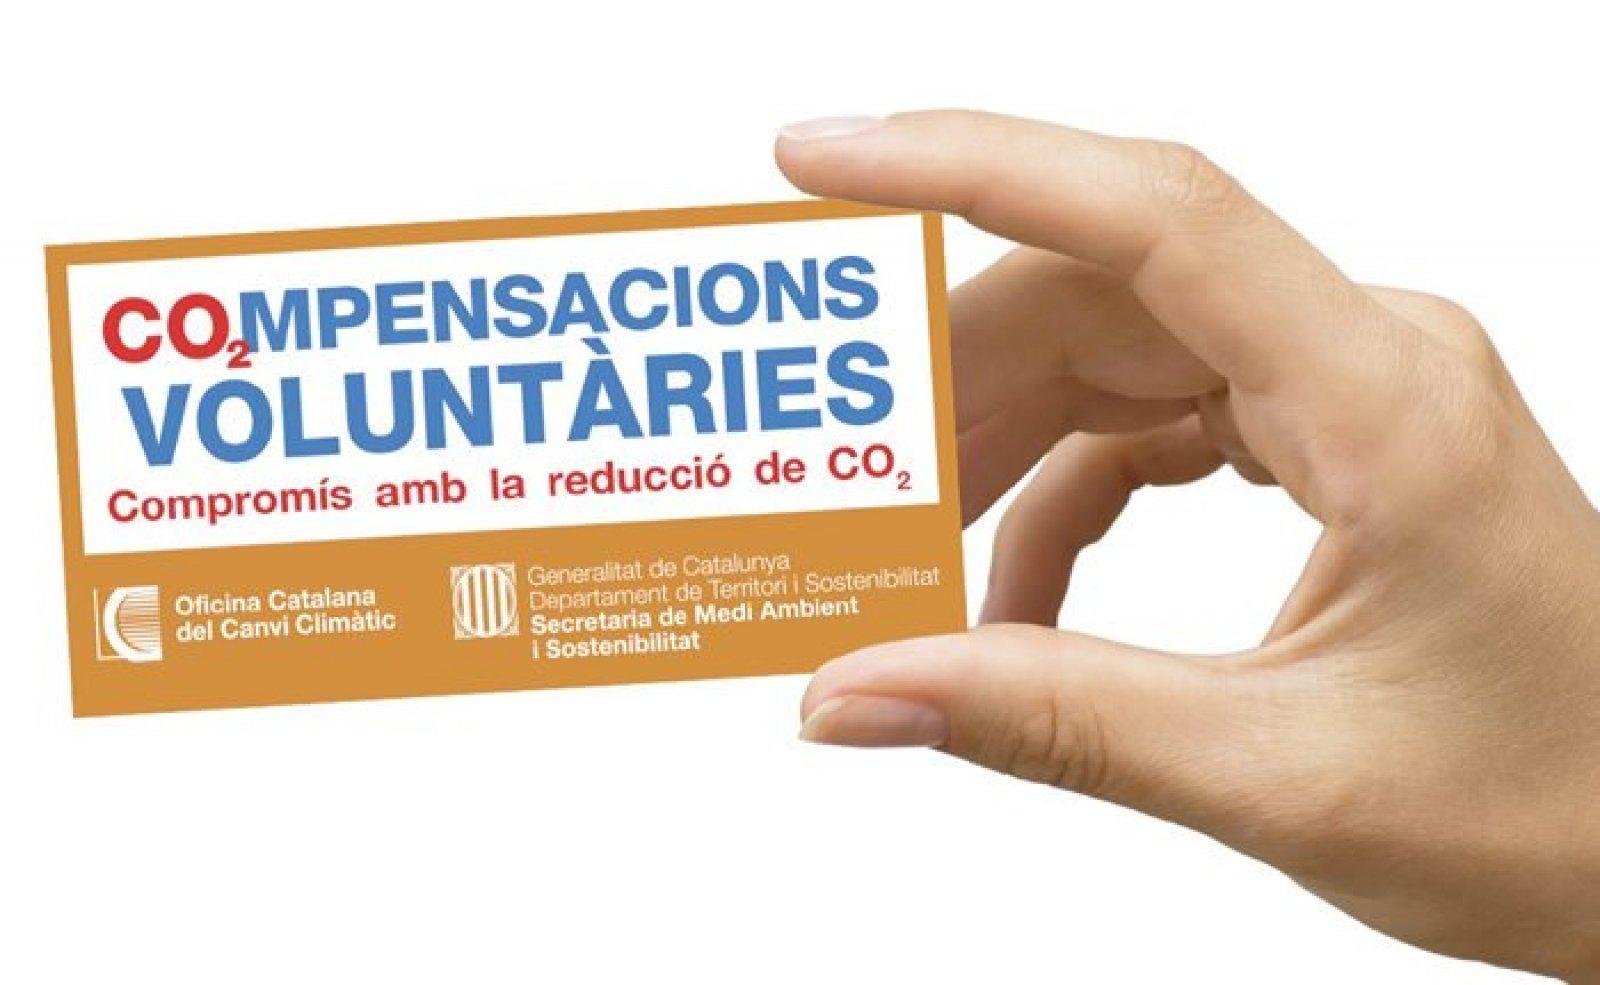 Imatge promocional del programa de compensacions voluntàries